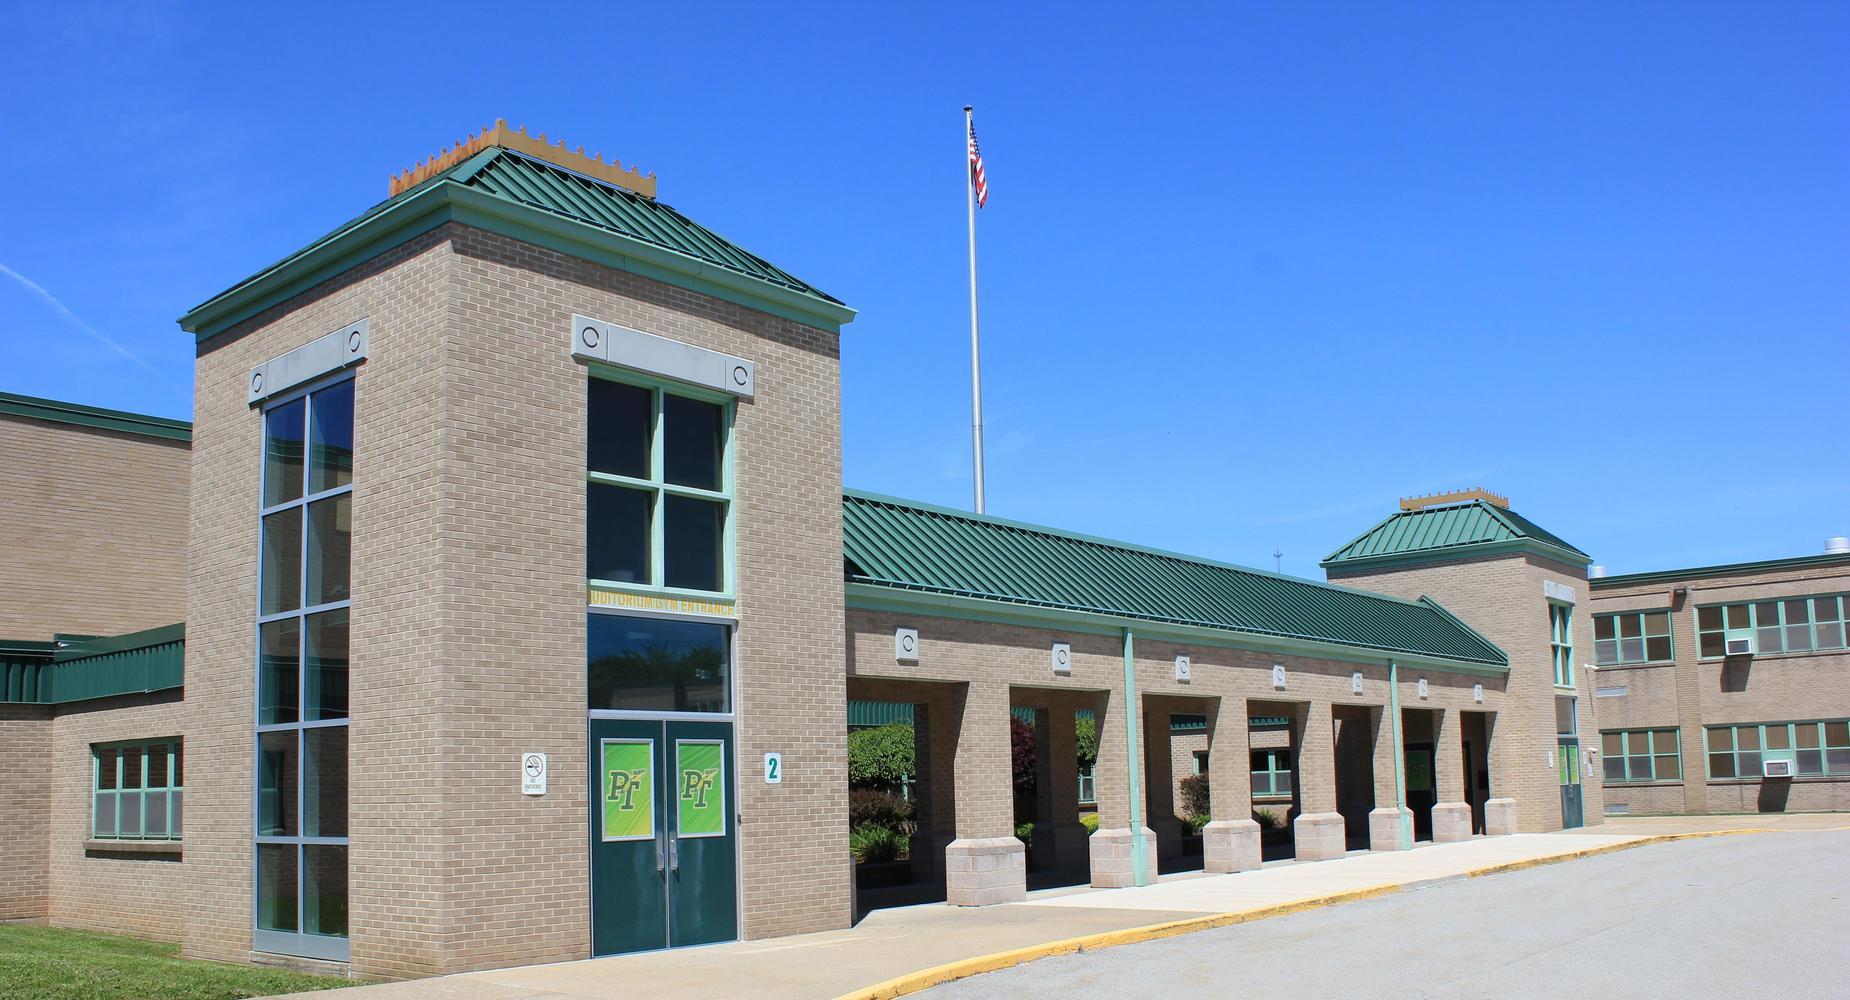 Trafford Elementary School